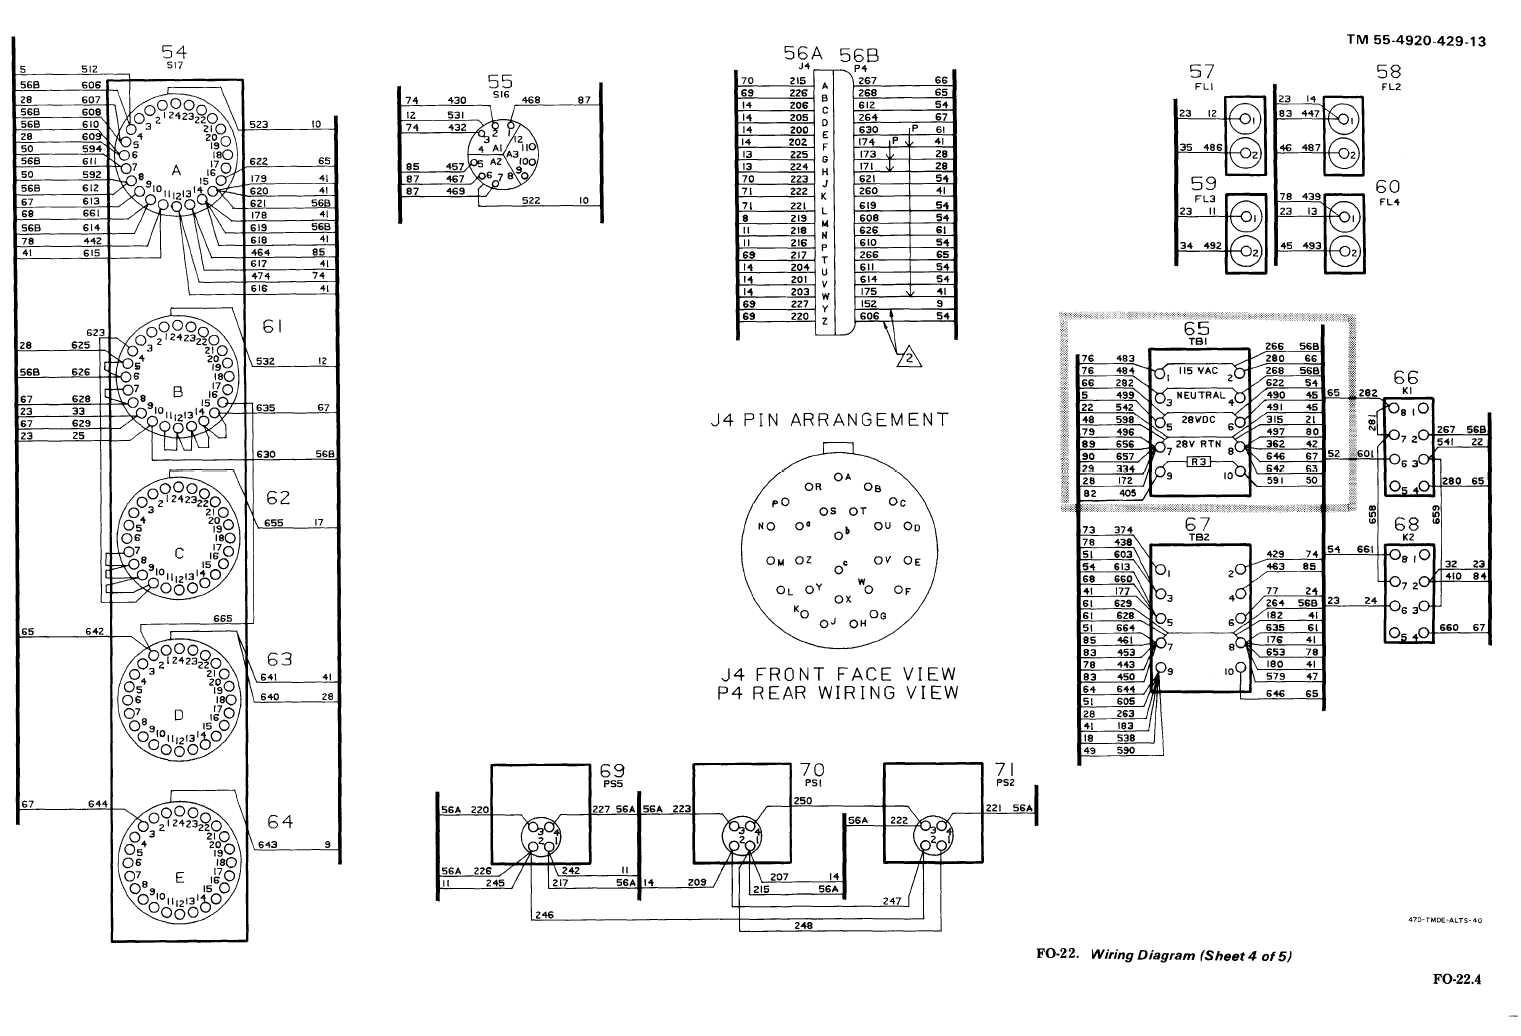 FO-22. Wiring Diagram (Sheet 4 of 5)